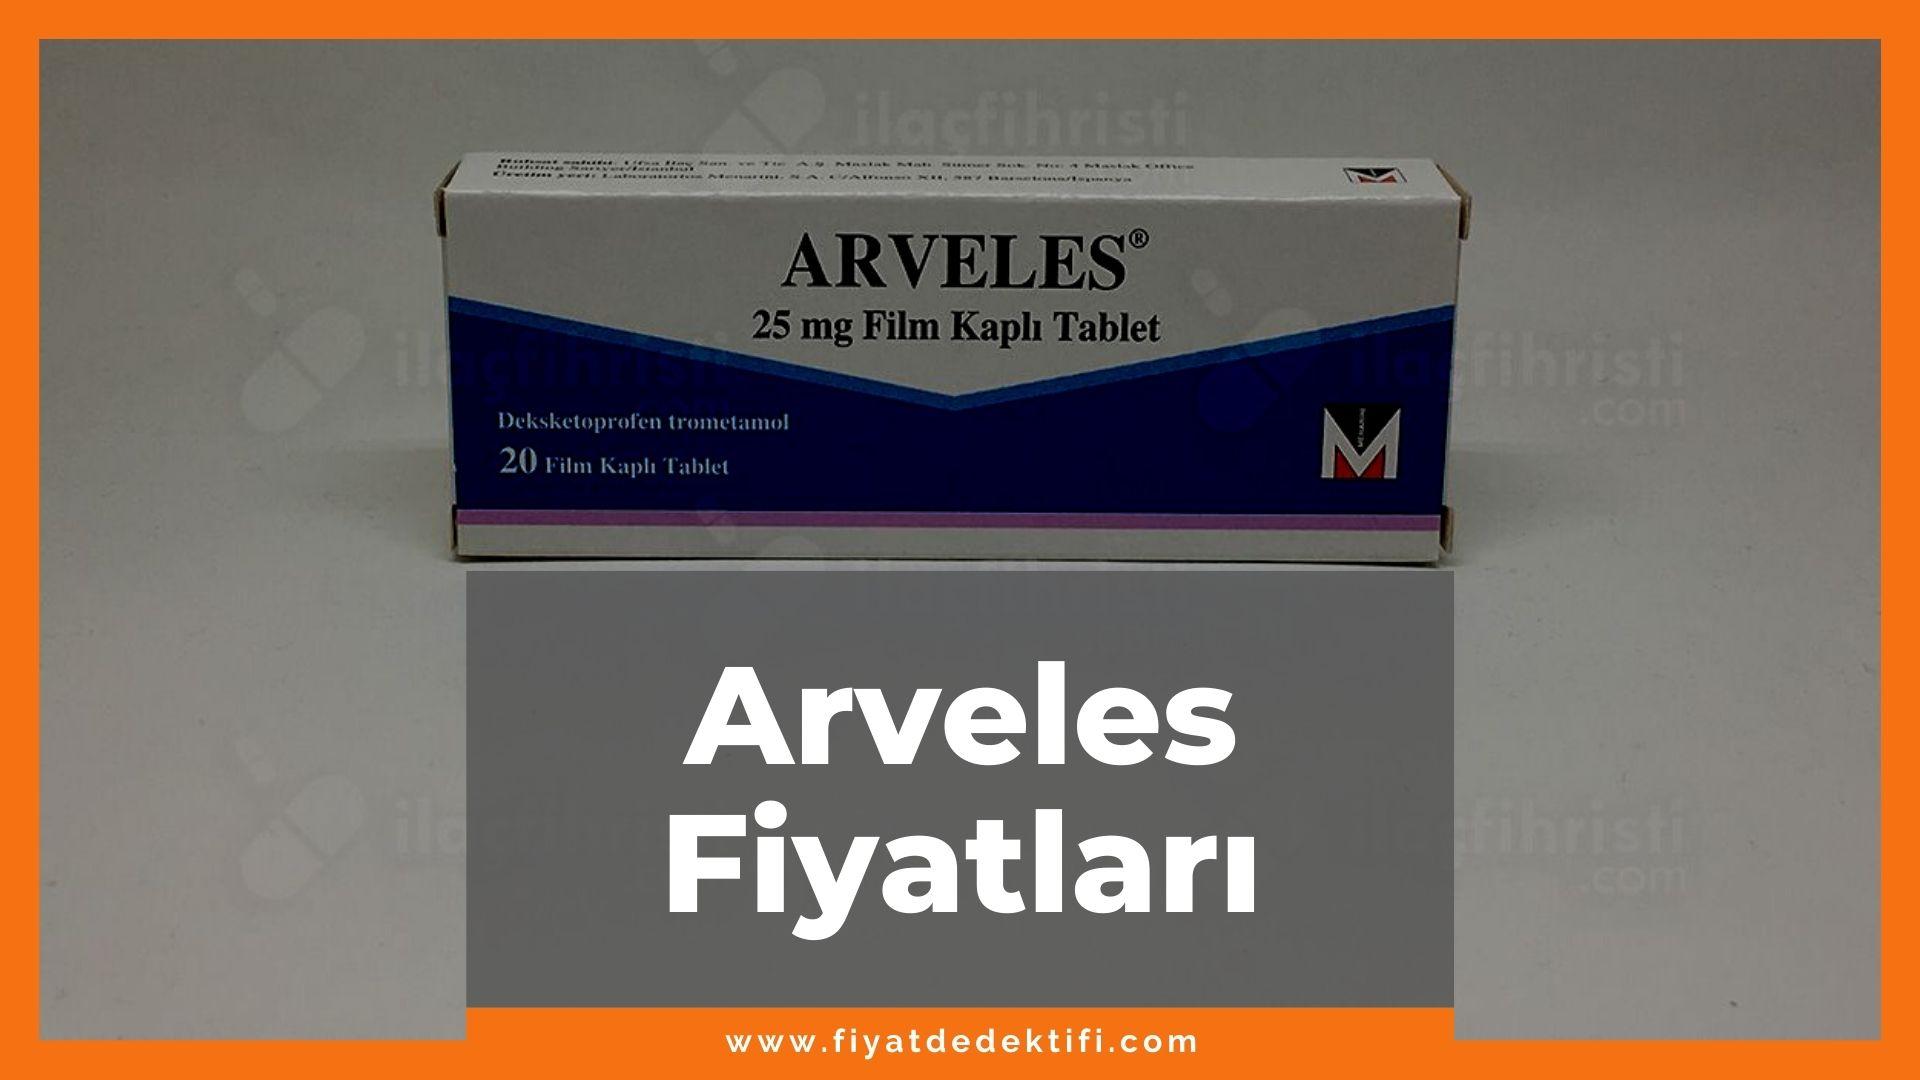 Arveles Fiyat, Arveles Fiyatı, Arveles Ağrı Kesici Fiyatı, Arveles 25 mg Fiyat - güncel detaylı eczane bilgileri ile arveles fiyatları